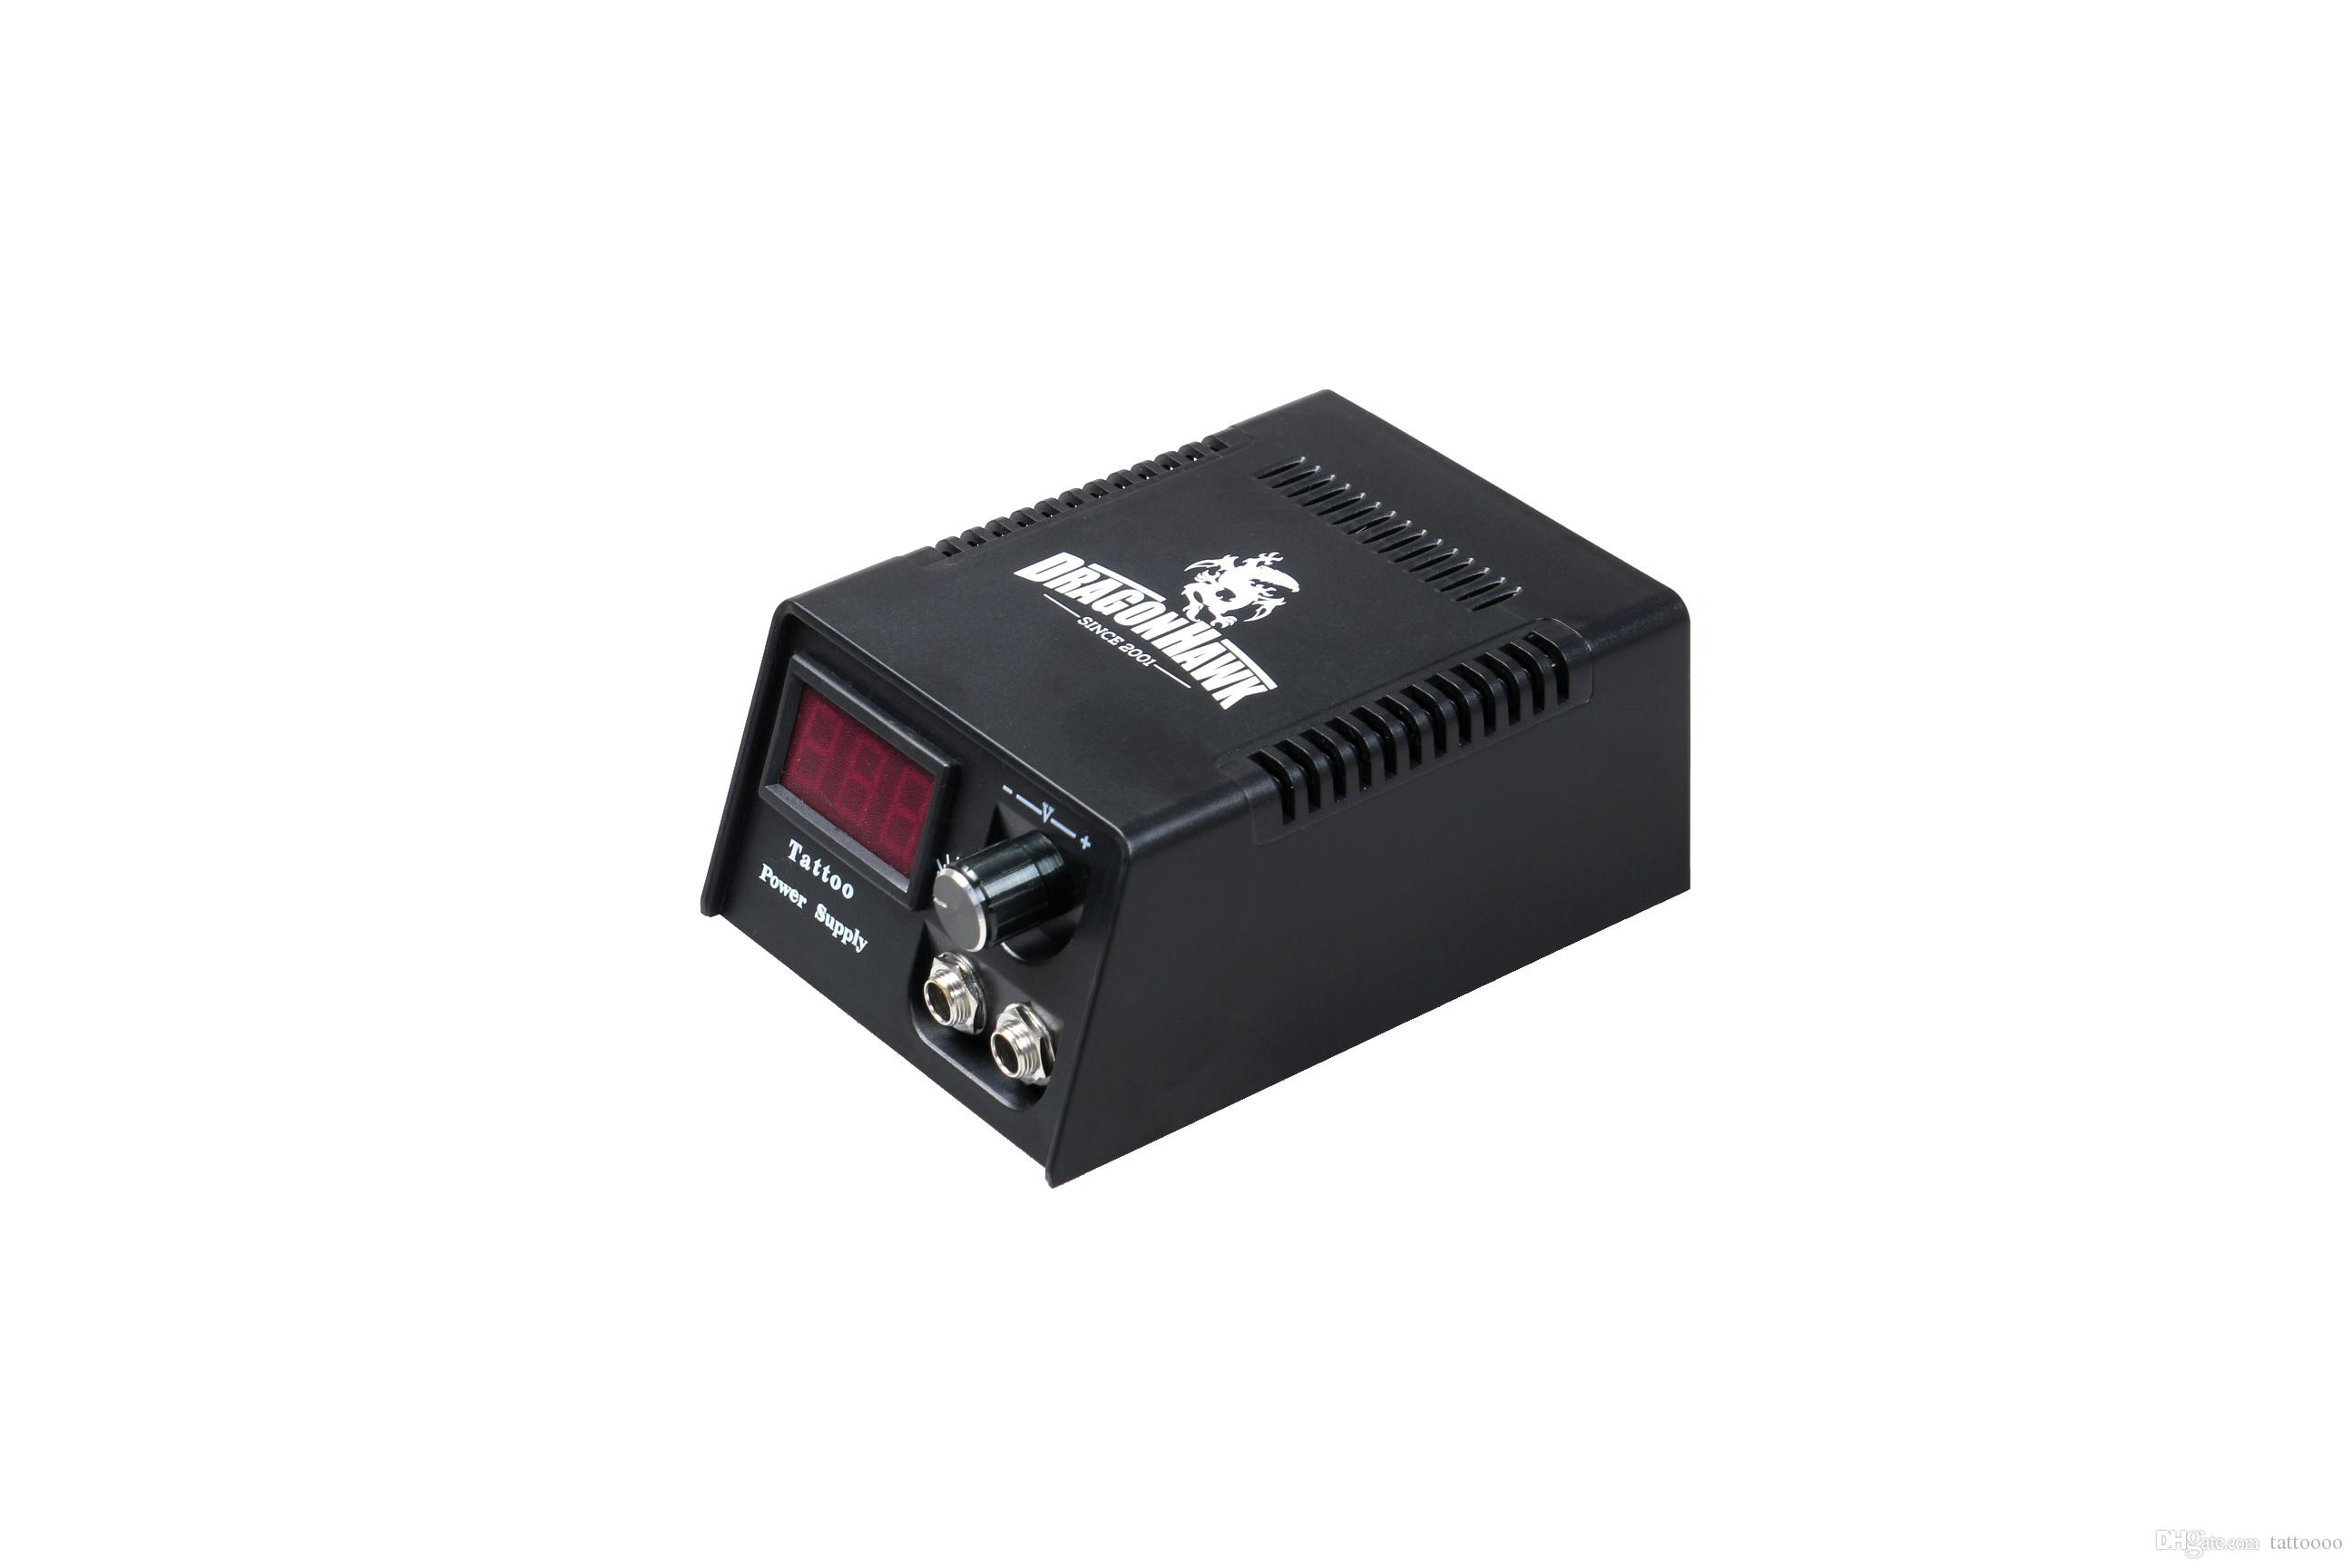 LCD Digital Dual Machine Maszyna do tatuażu Zasilanie z UE Zasilacz Zasilanie A + + Jakość Zestawy Pistolety Pedal Foot Clip Contring TNT Darmowa Wysyłka